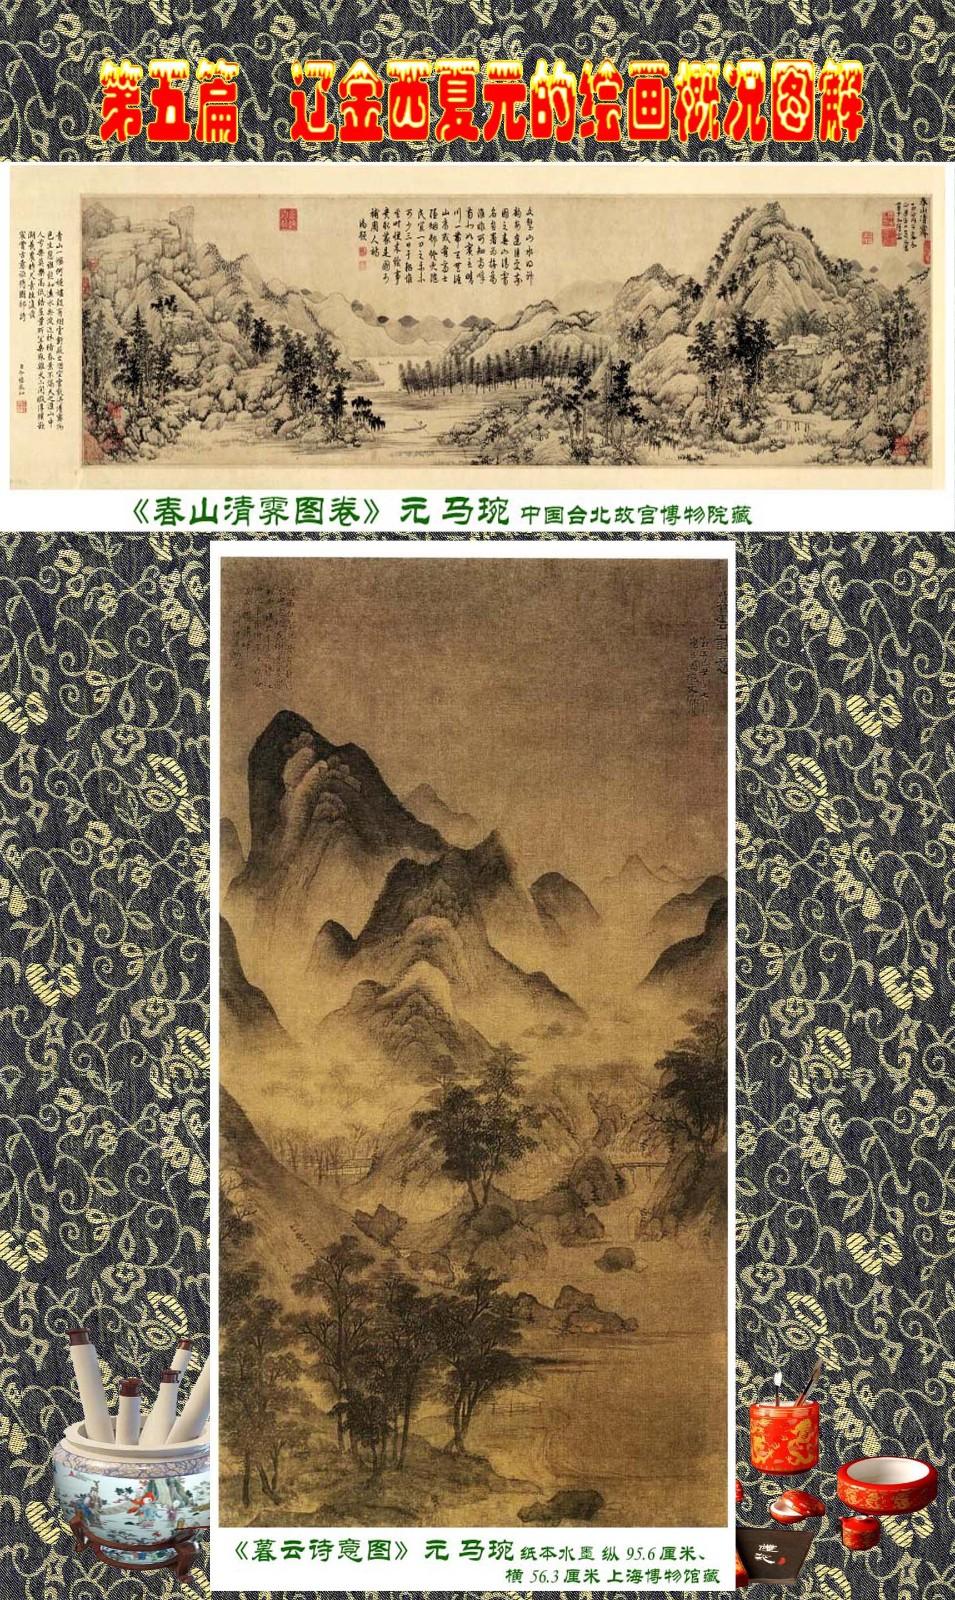 顾绍骅编辑 中国画知识普及版 第五篇 辽金西夏元的绘画概况 下 ... ..._图1-58